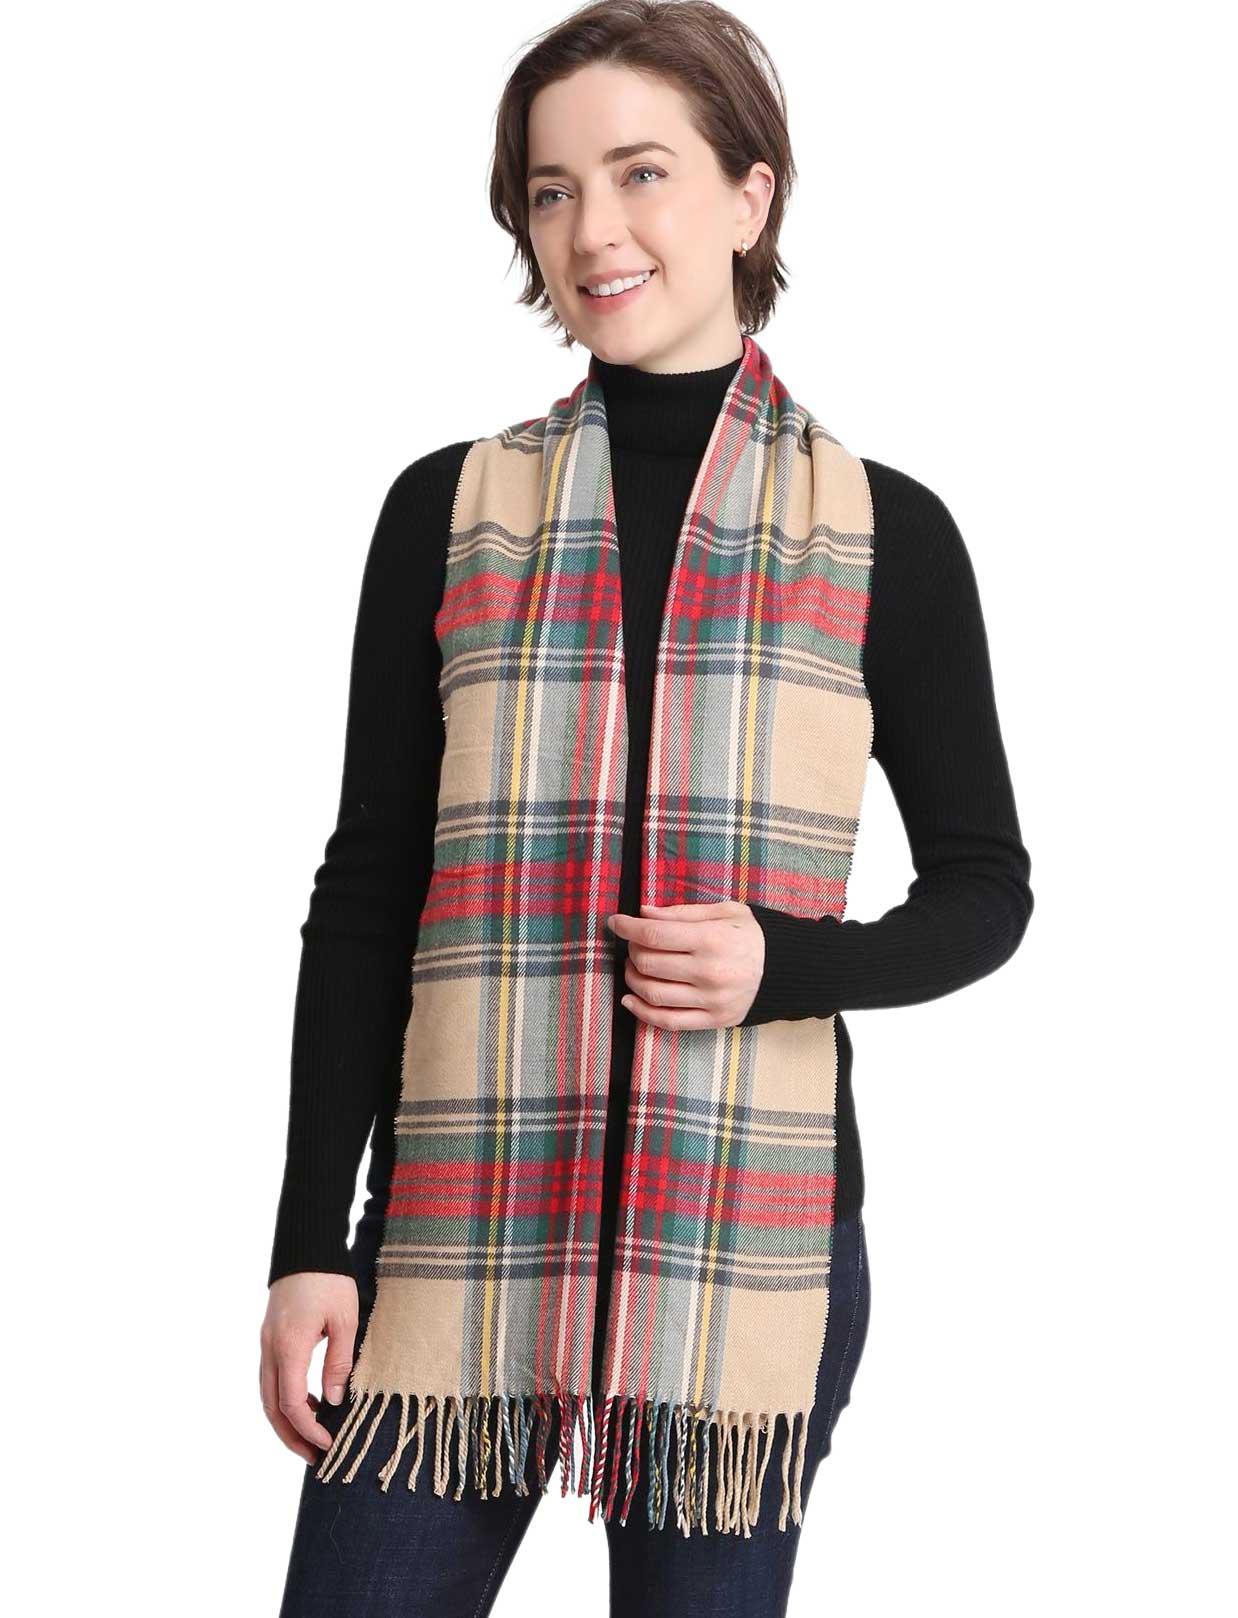 wholesale Oblong Scarves - Cashmere Feel Plaid - 1337